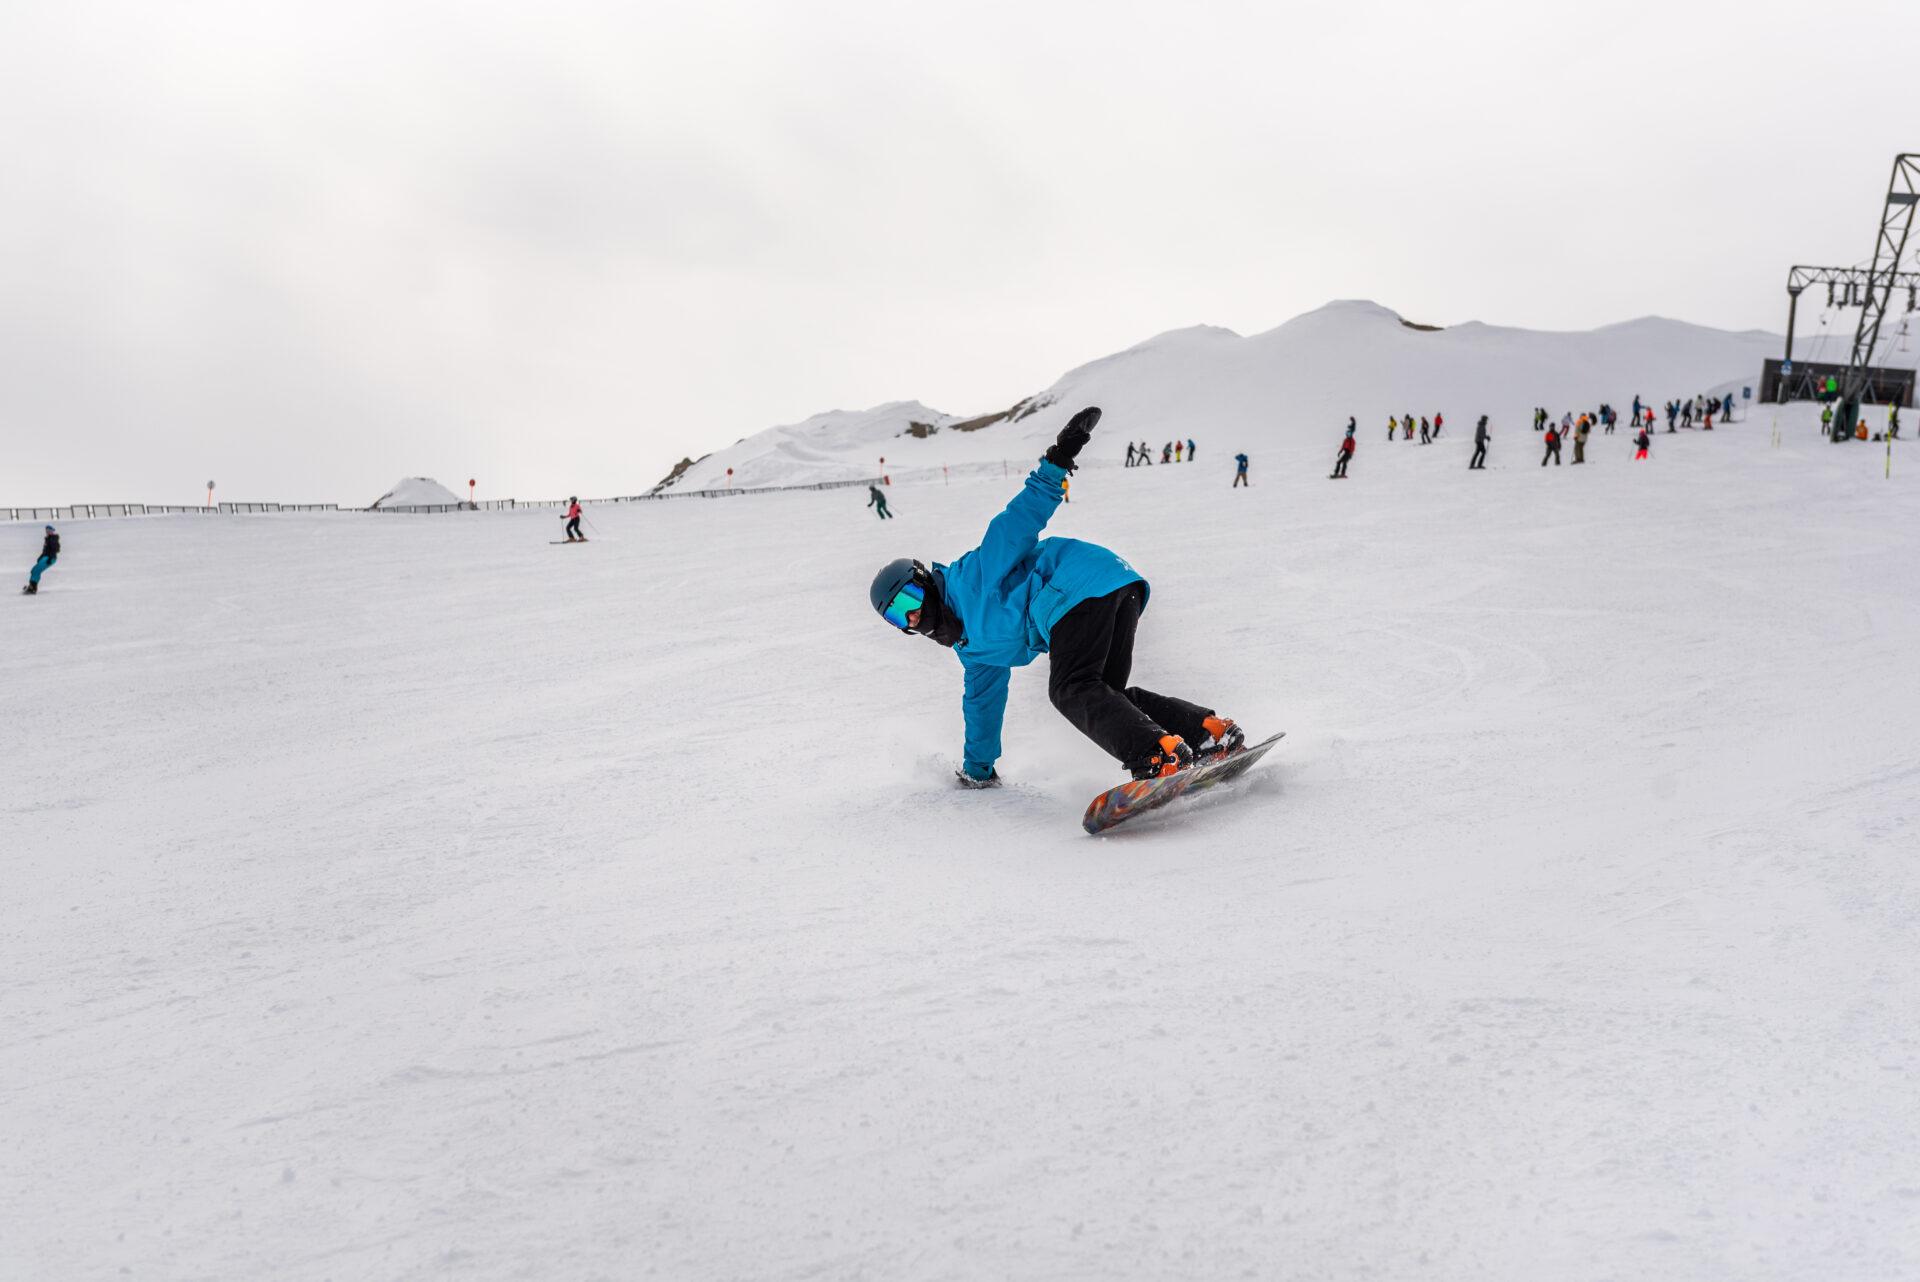 wintersport voor jeugd